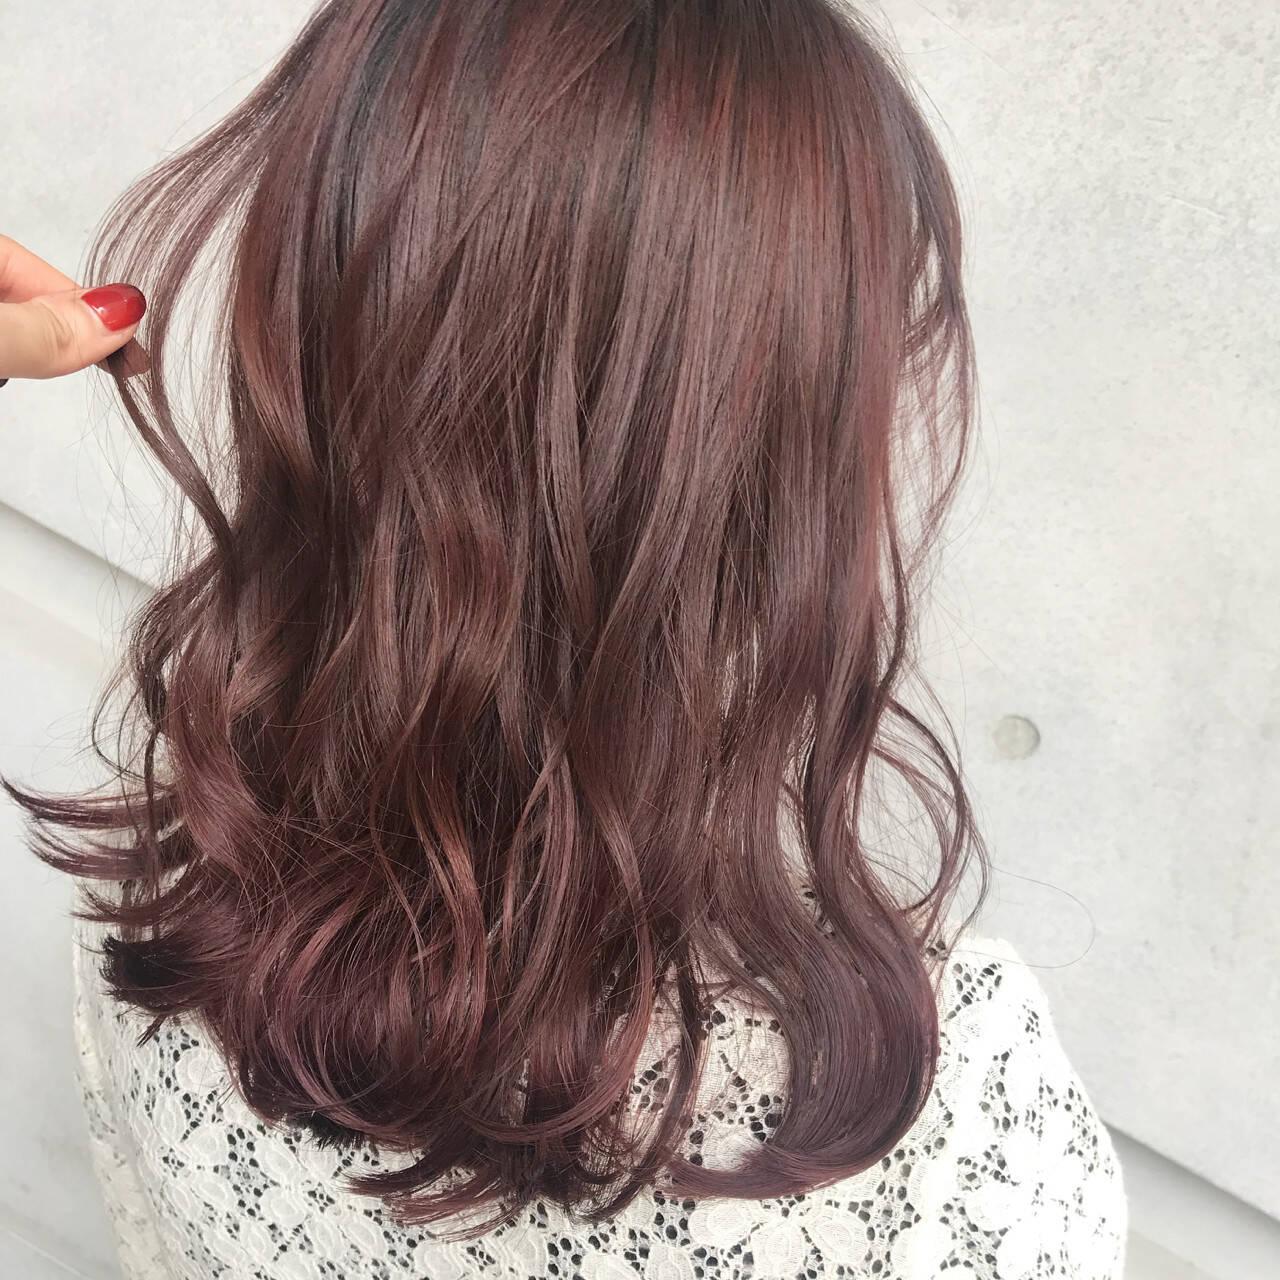 ミディアム 外国人風 ガーリー ラベンダーピンクヘアスタイルや髪型の写真・画像